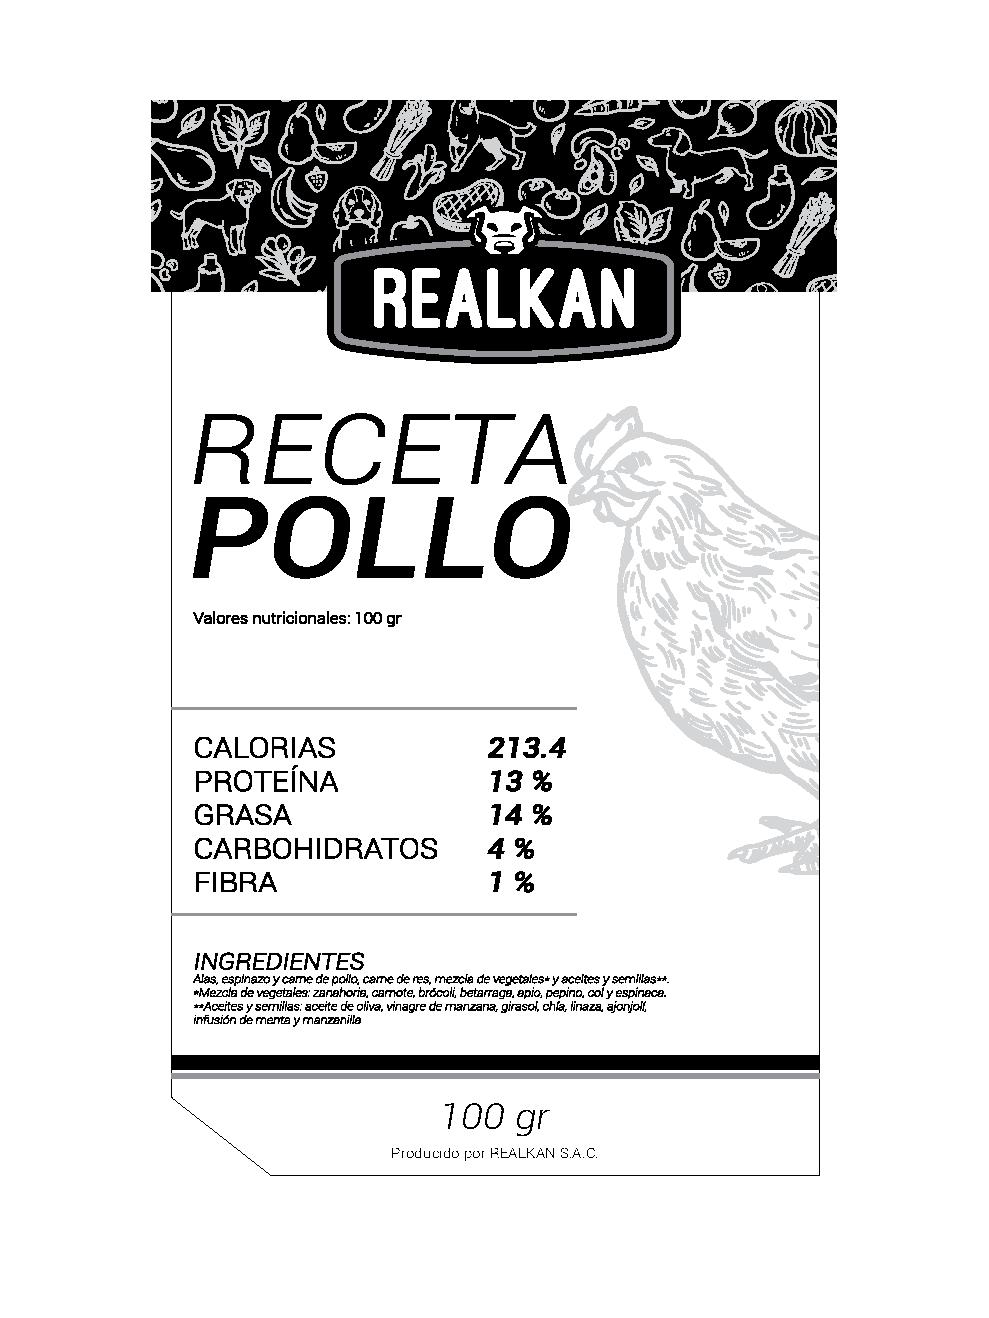 RECETA DE POLLO: alas,espinazo y carne de pollo, carne de res, mezcla de vegetales* y aceites y semillas**.*Mezcla de vegetales: zanahoria, camote, brócoli, betarraga, apio, pepino, coly espinaca. **Aceites y semillas: aceite de oliva, vinagre de manzana, girasol, chía, linaza, ajonjolí, infusión de menta y manzanilla. No solo les encanta si no que cubre todas las necesidades.